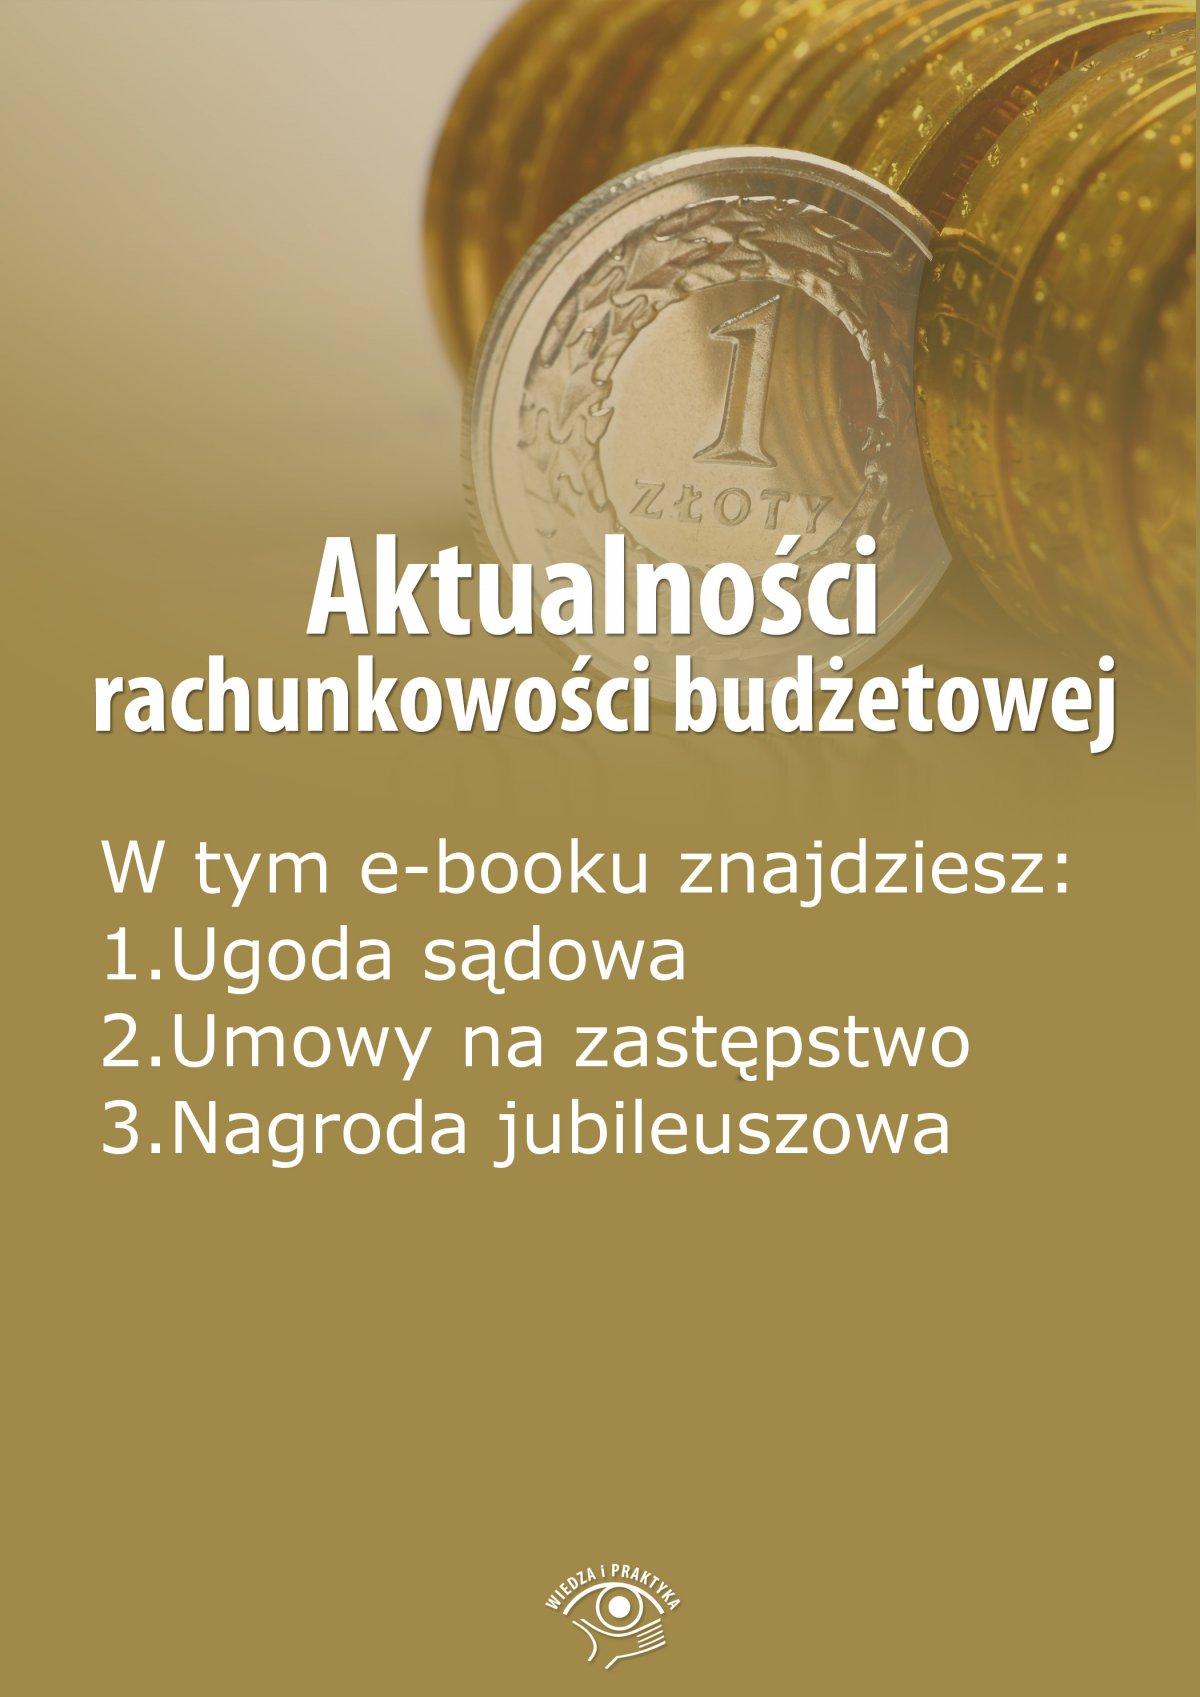 Aktualności rachunkowości budżetowej, wydanie listopad 2014 r. - Ebook (Książka EPUB) do pobrania w formacie EPUB